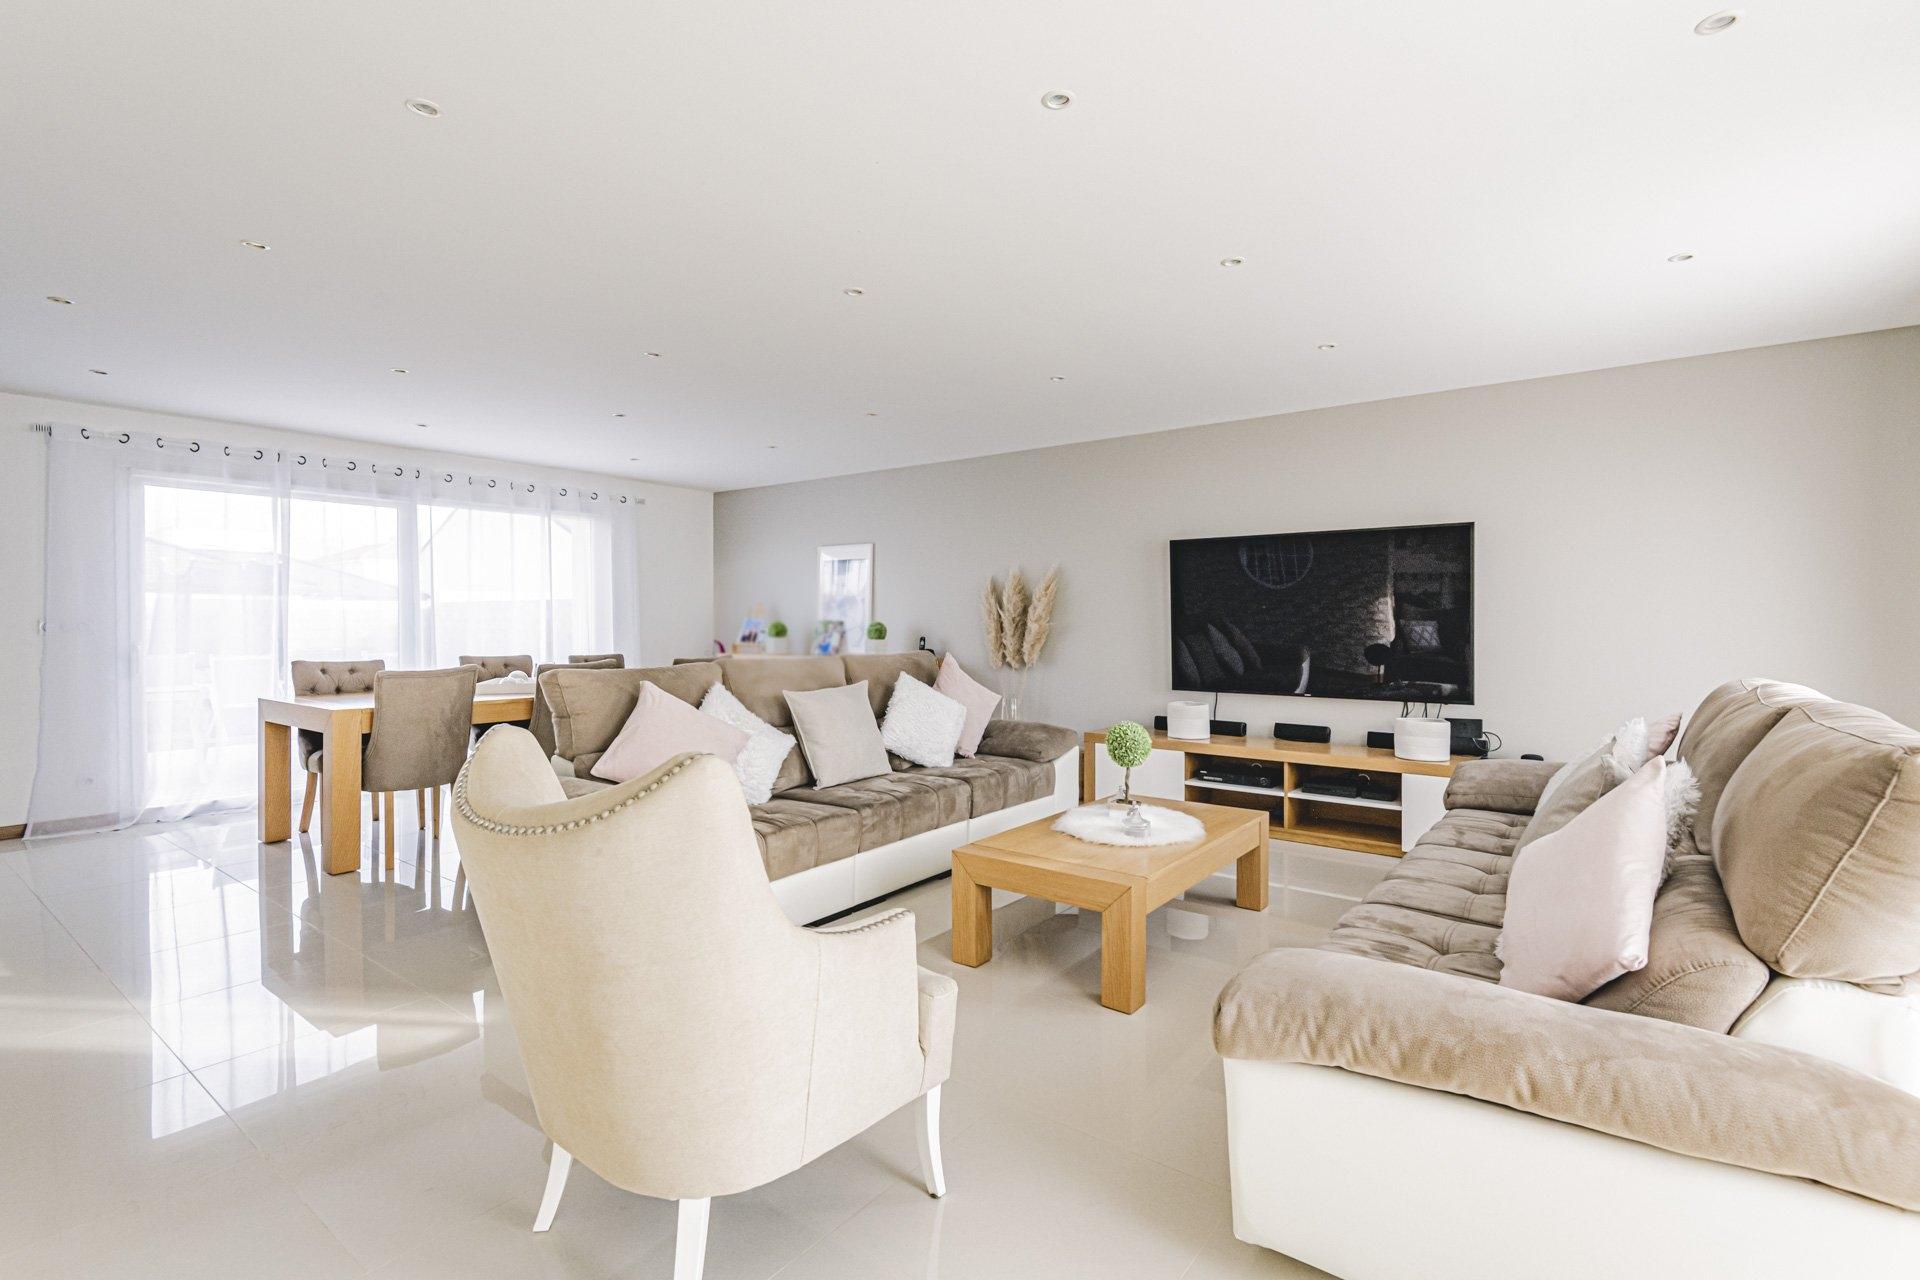 Maison Champigny 6 Pièces 160 m2 - 6